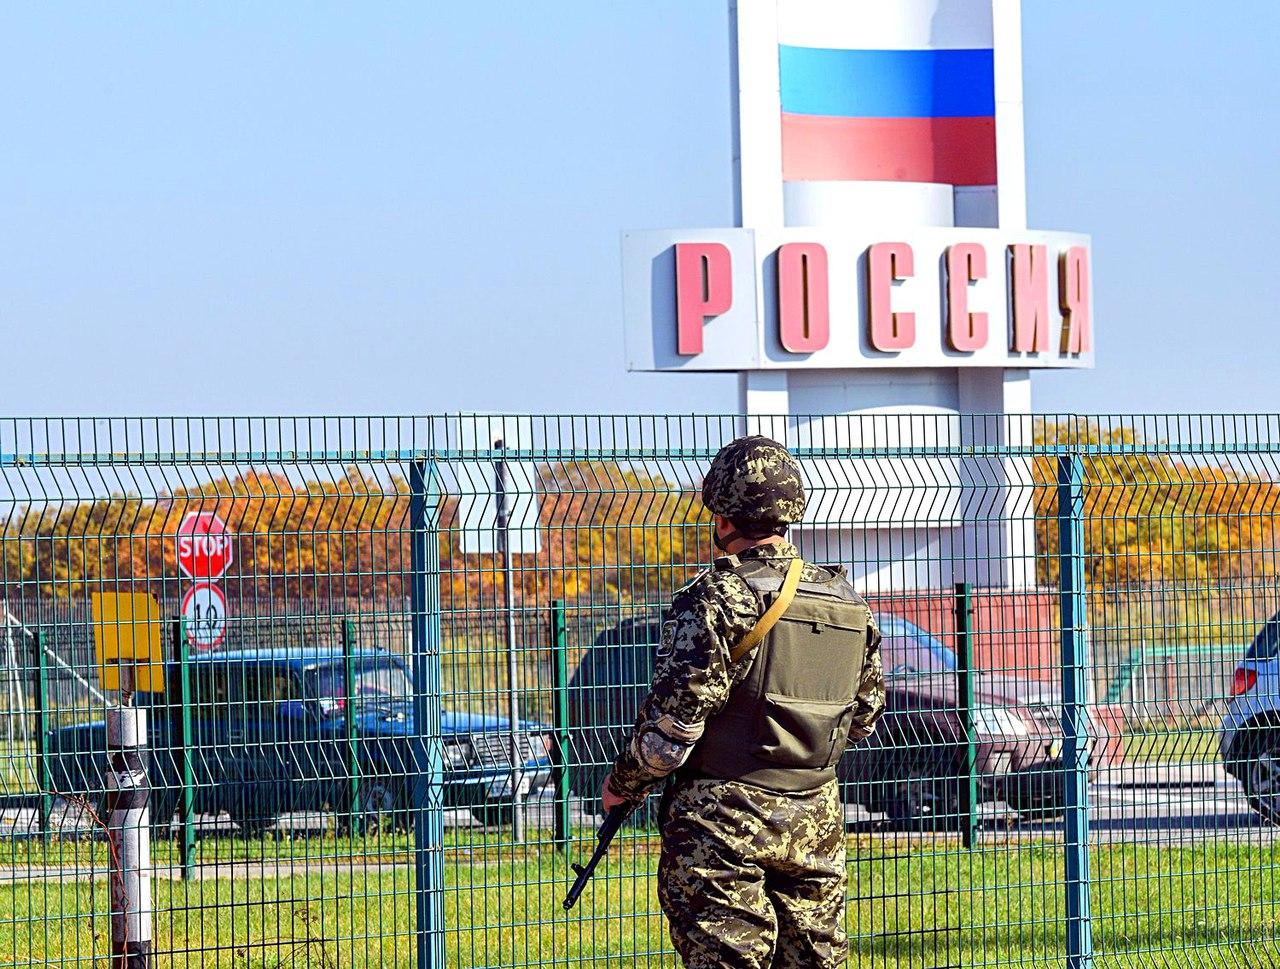 Россия вновь открыла границу для ЛНР Автобусное сообщение,Донбасс,Пасечник,Политика,Украина,Россия